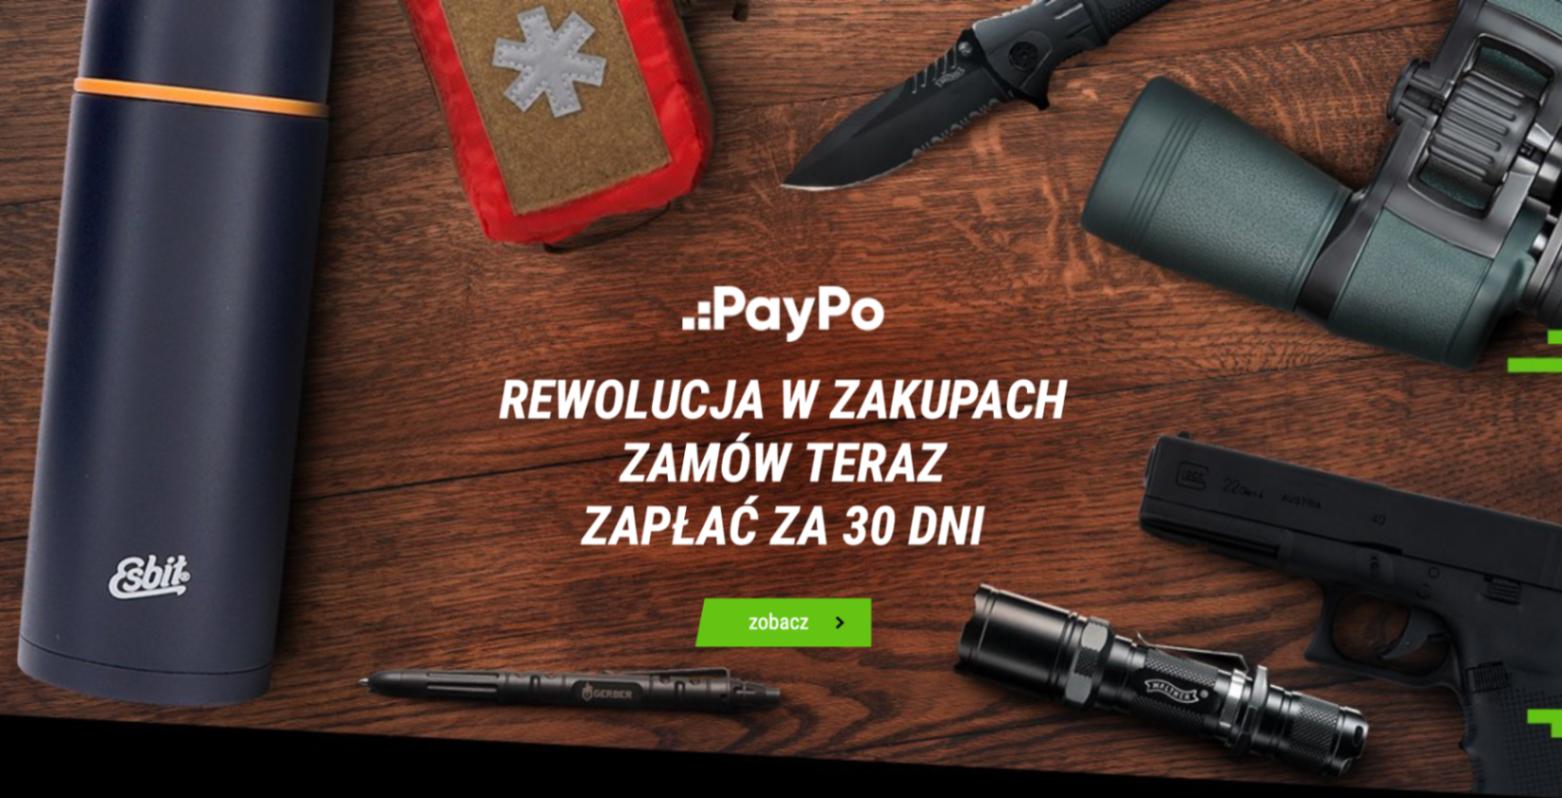 Combat - Paypo